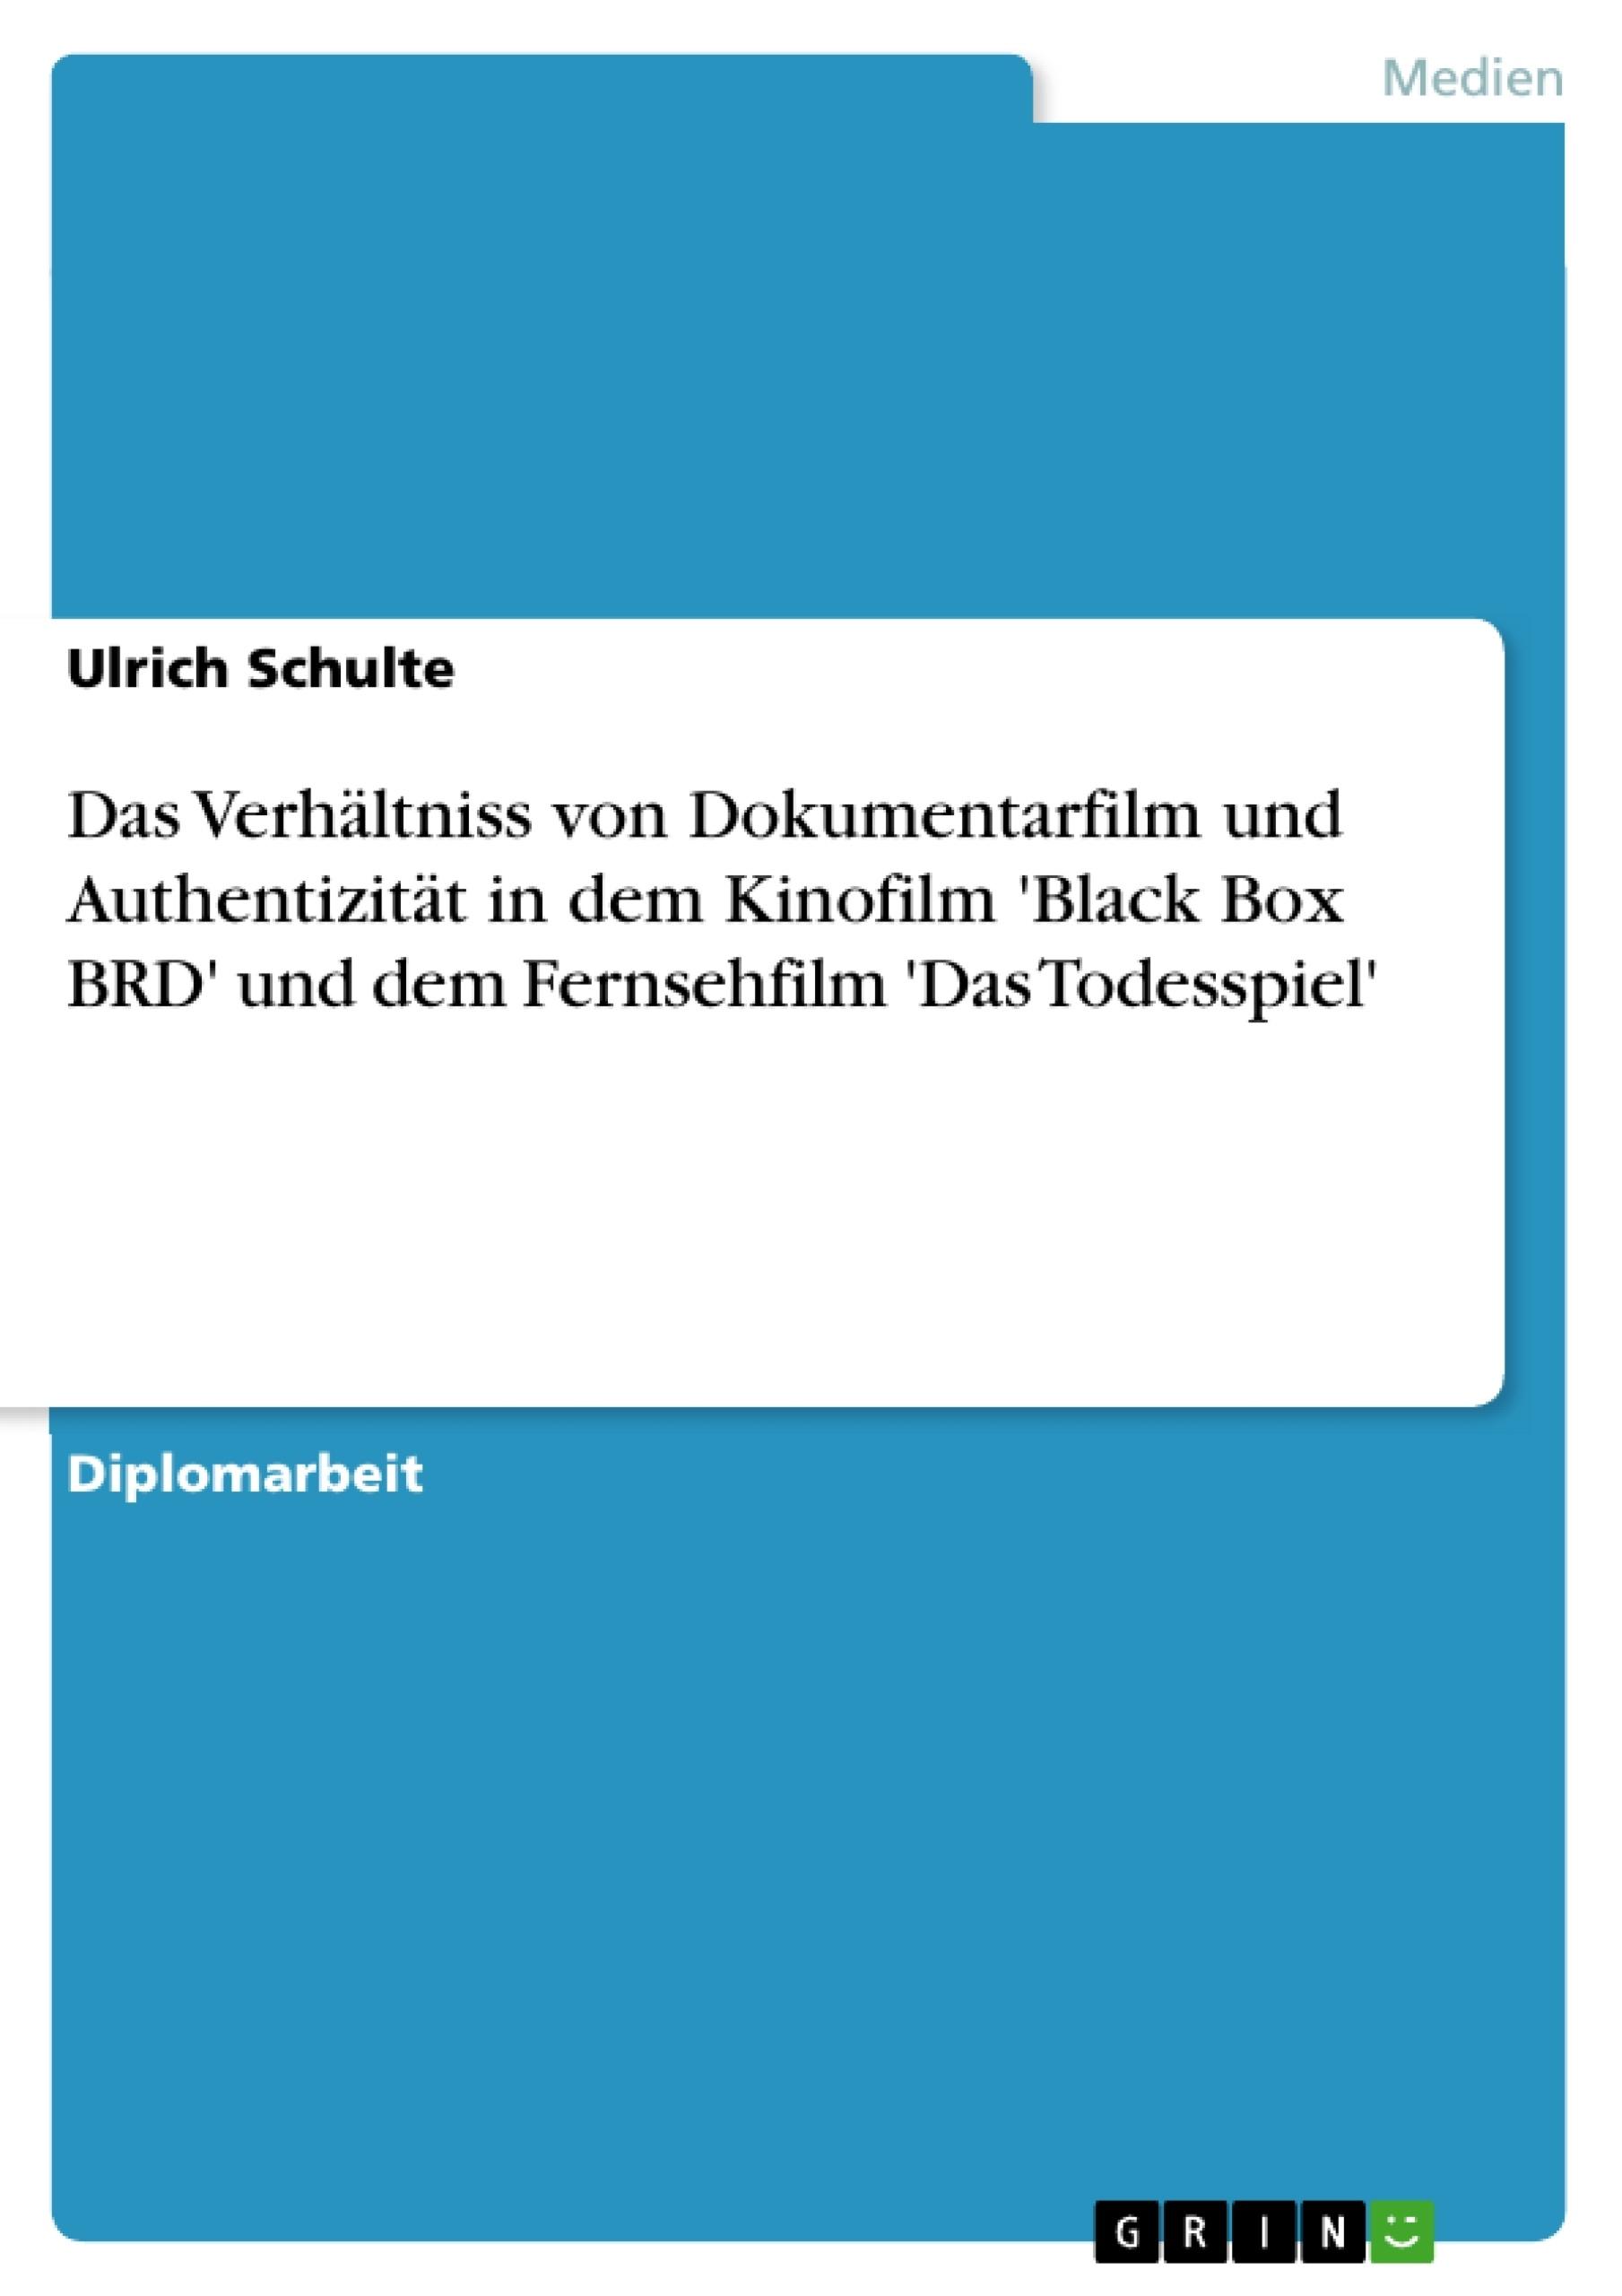 Titel: Das Verhältniss von Dokumentarfilm und Authentizität in dem Kinofilm 'Black Box BRD' und dem Fernsehfilm 'Das Todesspiel'